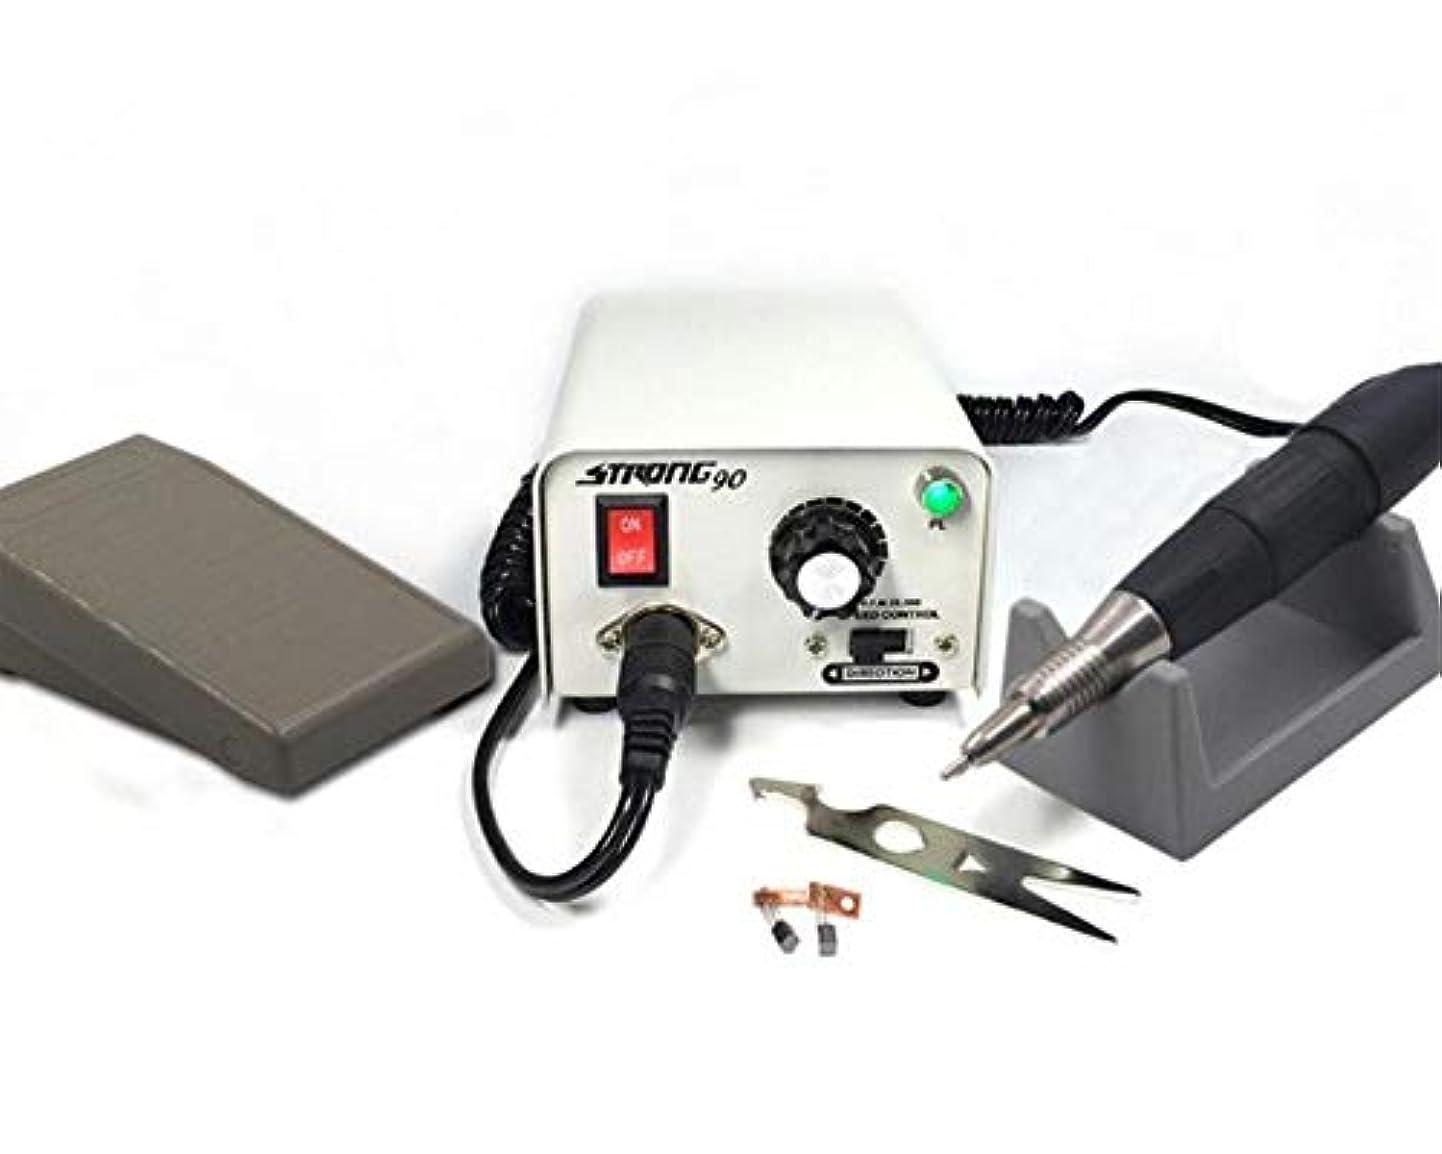 旋回処方する枠電気ネイルドリル35000 rpmネイルアート彫刻機器マニキュアペディキュアマシンネイルファイルネイルポリッシャードリルビットアクセサリー